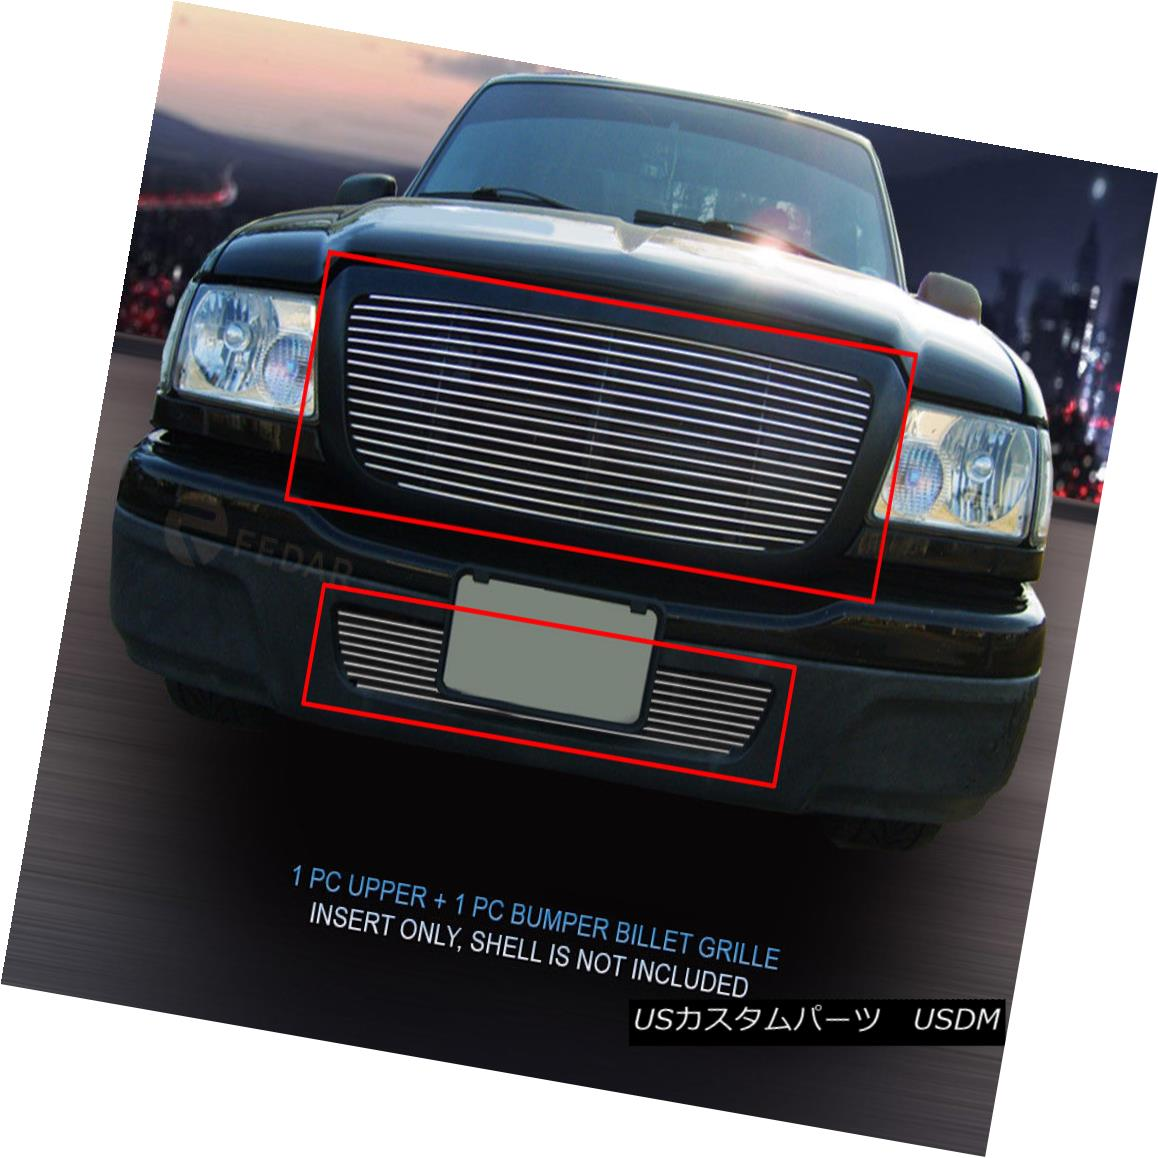 グリル Fedar Fits 2004-2005 Ford Ranger Full Openning Polished Billet Grille Insert Fedar Fitting 2004-2005 Ford Rangerフルオープンポリッシュビレットグリルインサート